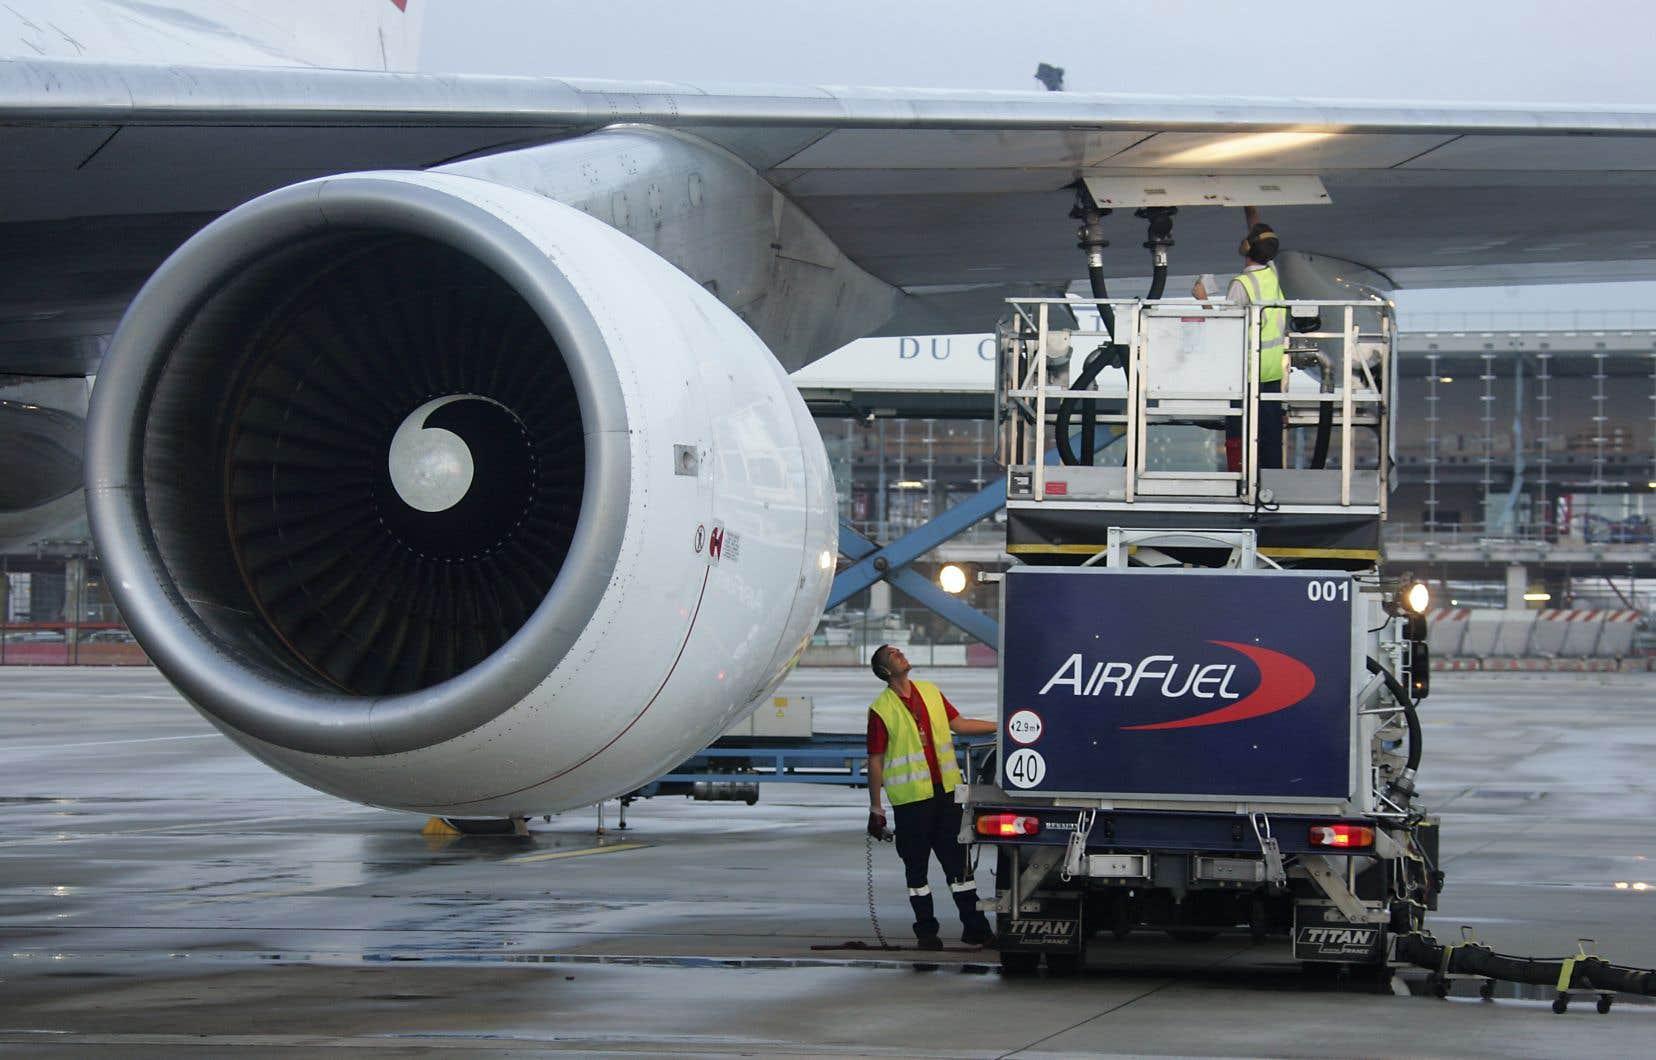 Selon l'Association internationale du transport aérien, le trafic ne devrait pas retrouver son niveau d'avant crise avant 2023.